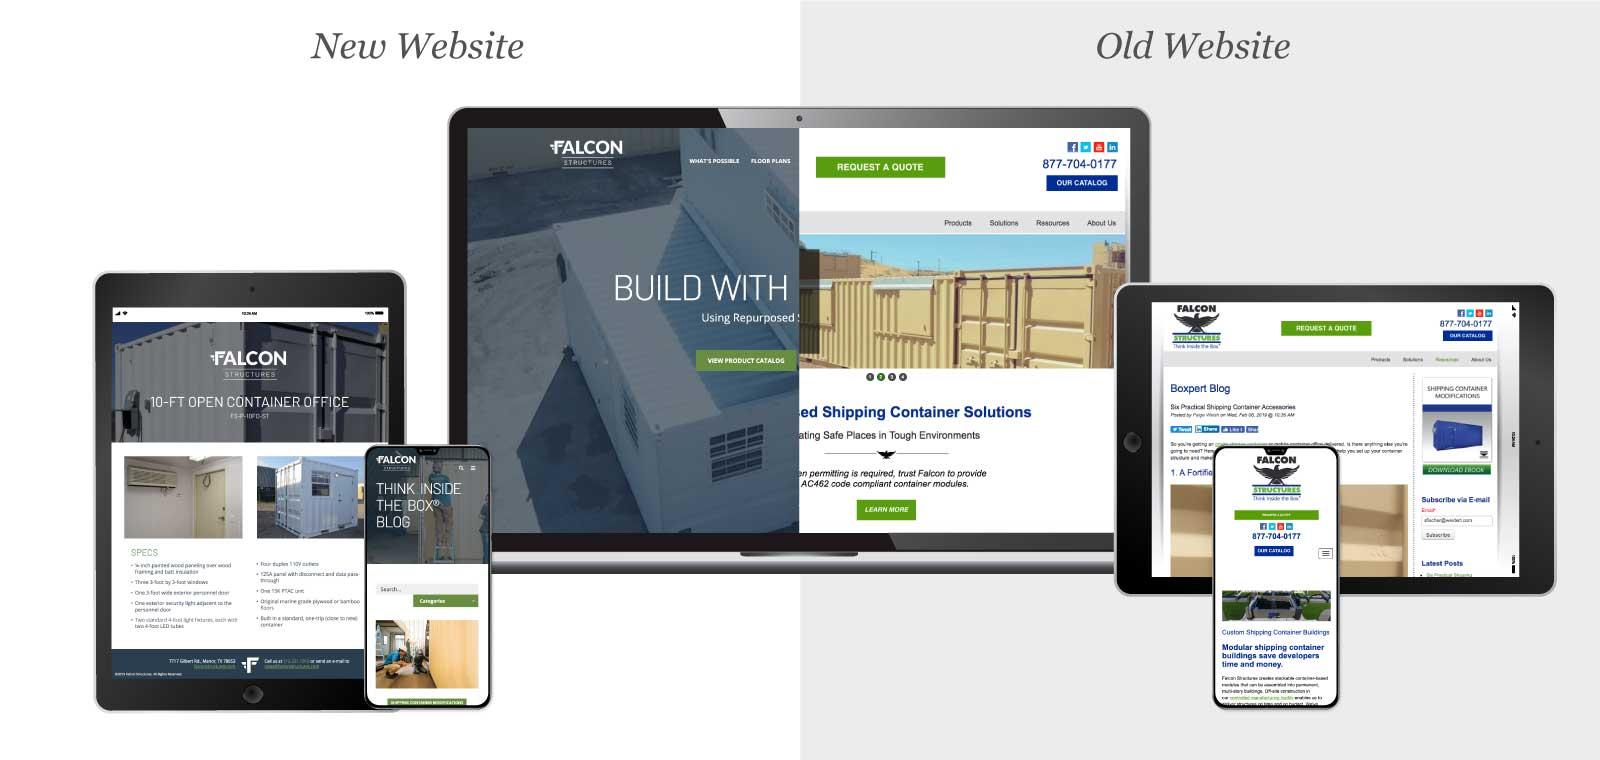 fal_website_comparison